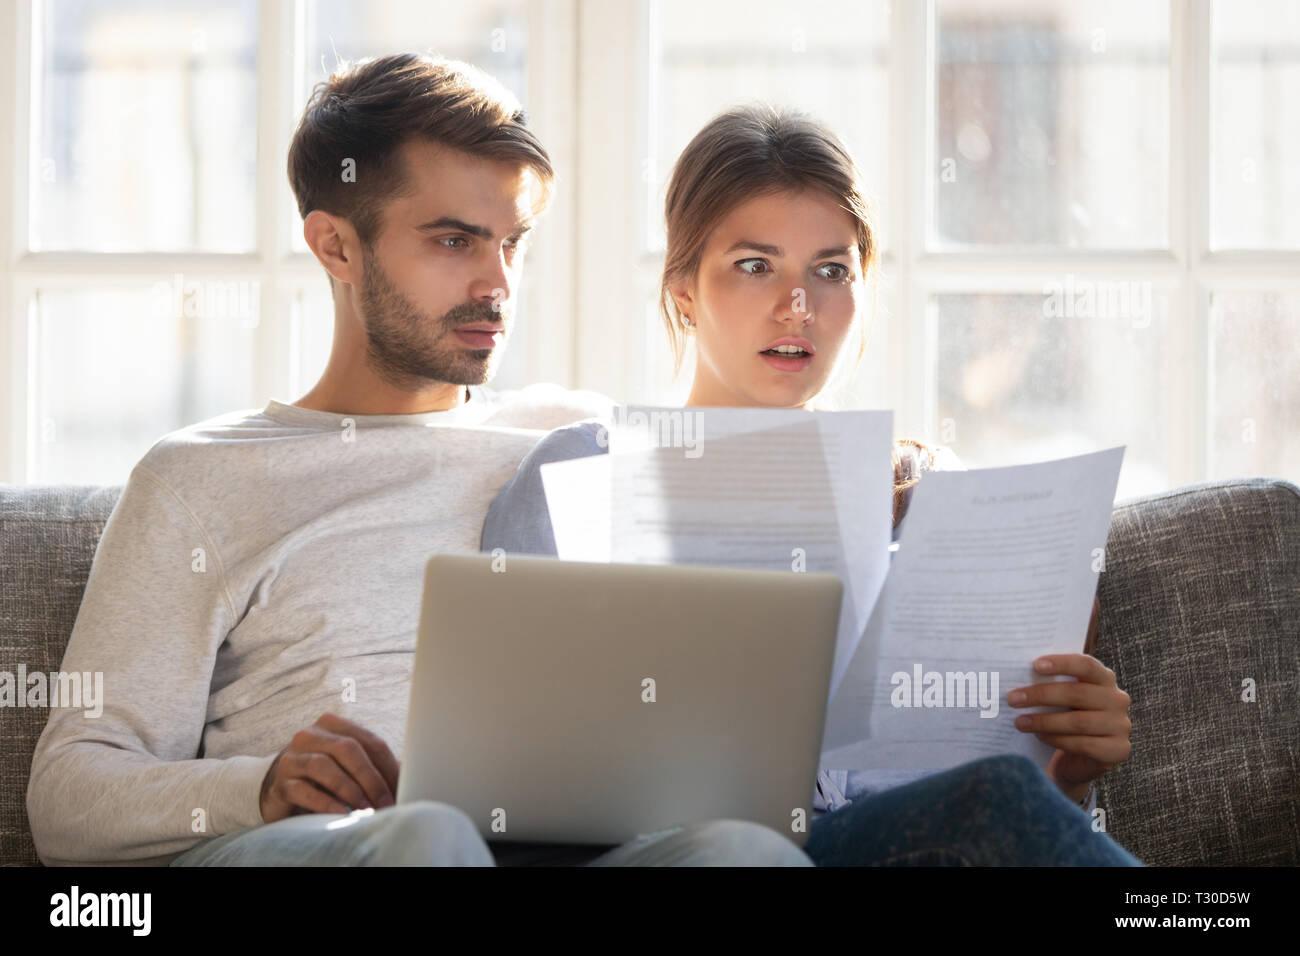 Choqué par les mauvaises nouvelles couple sitting on couch reading lettre Banque D'Images